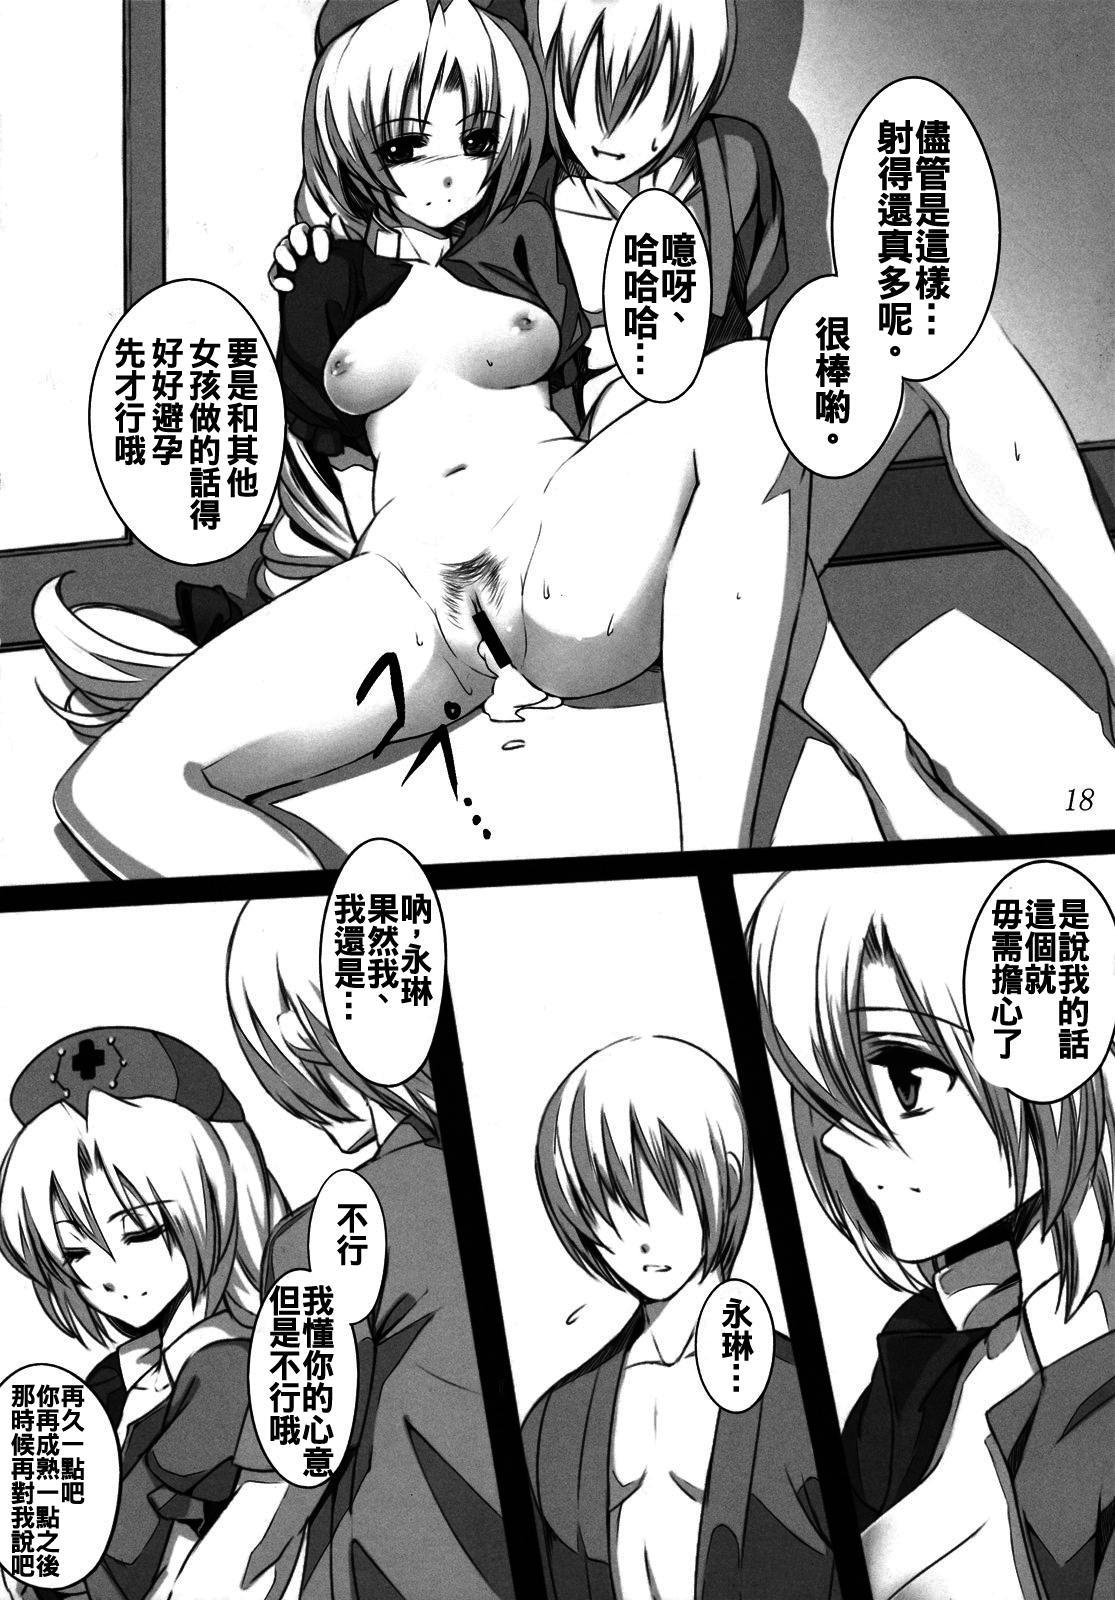 Shinsatsu Jikan Go 18